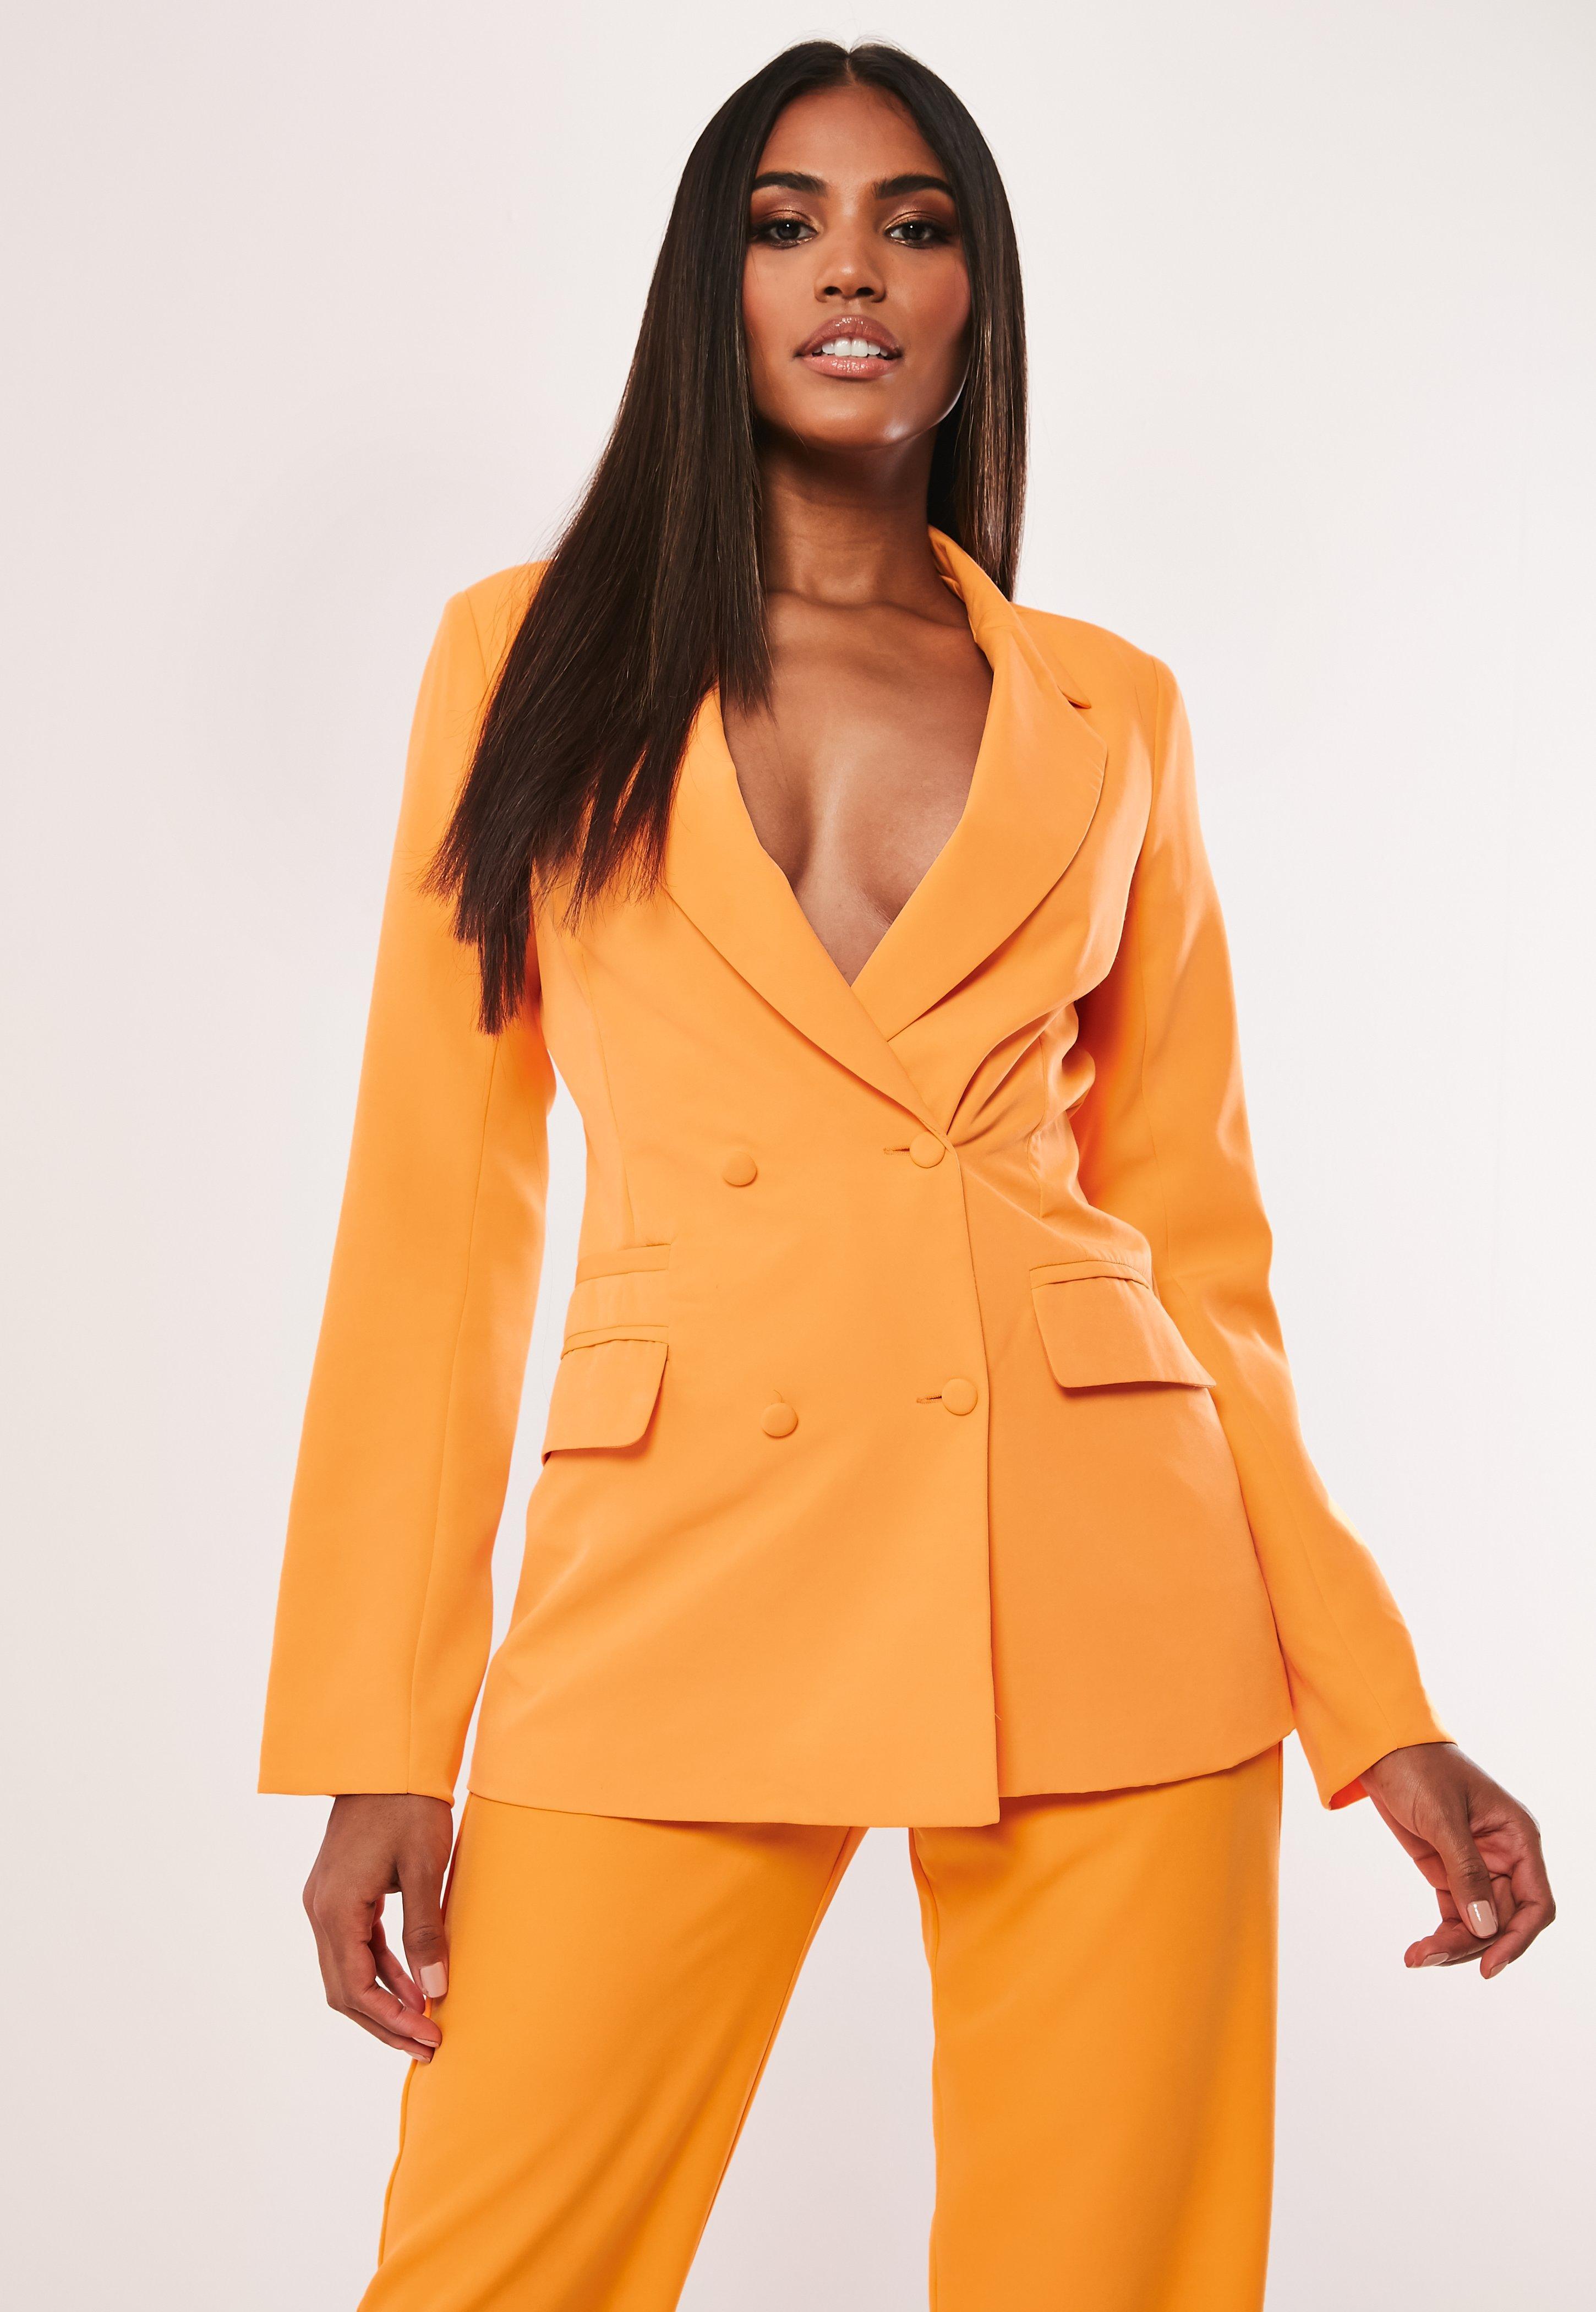 766c3b12c Trajes de chaqueta de mujer